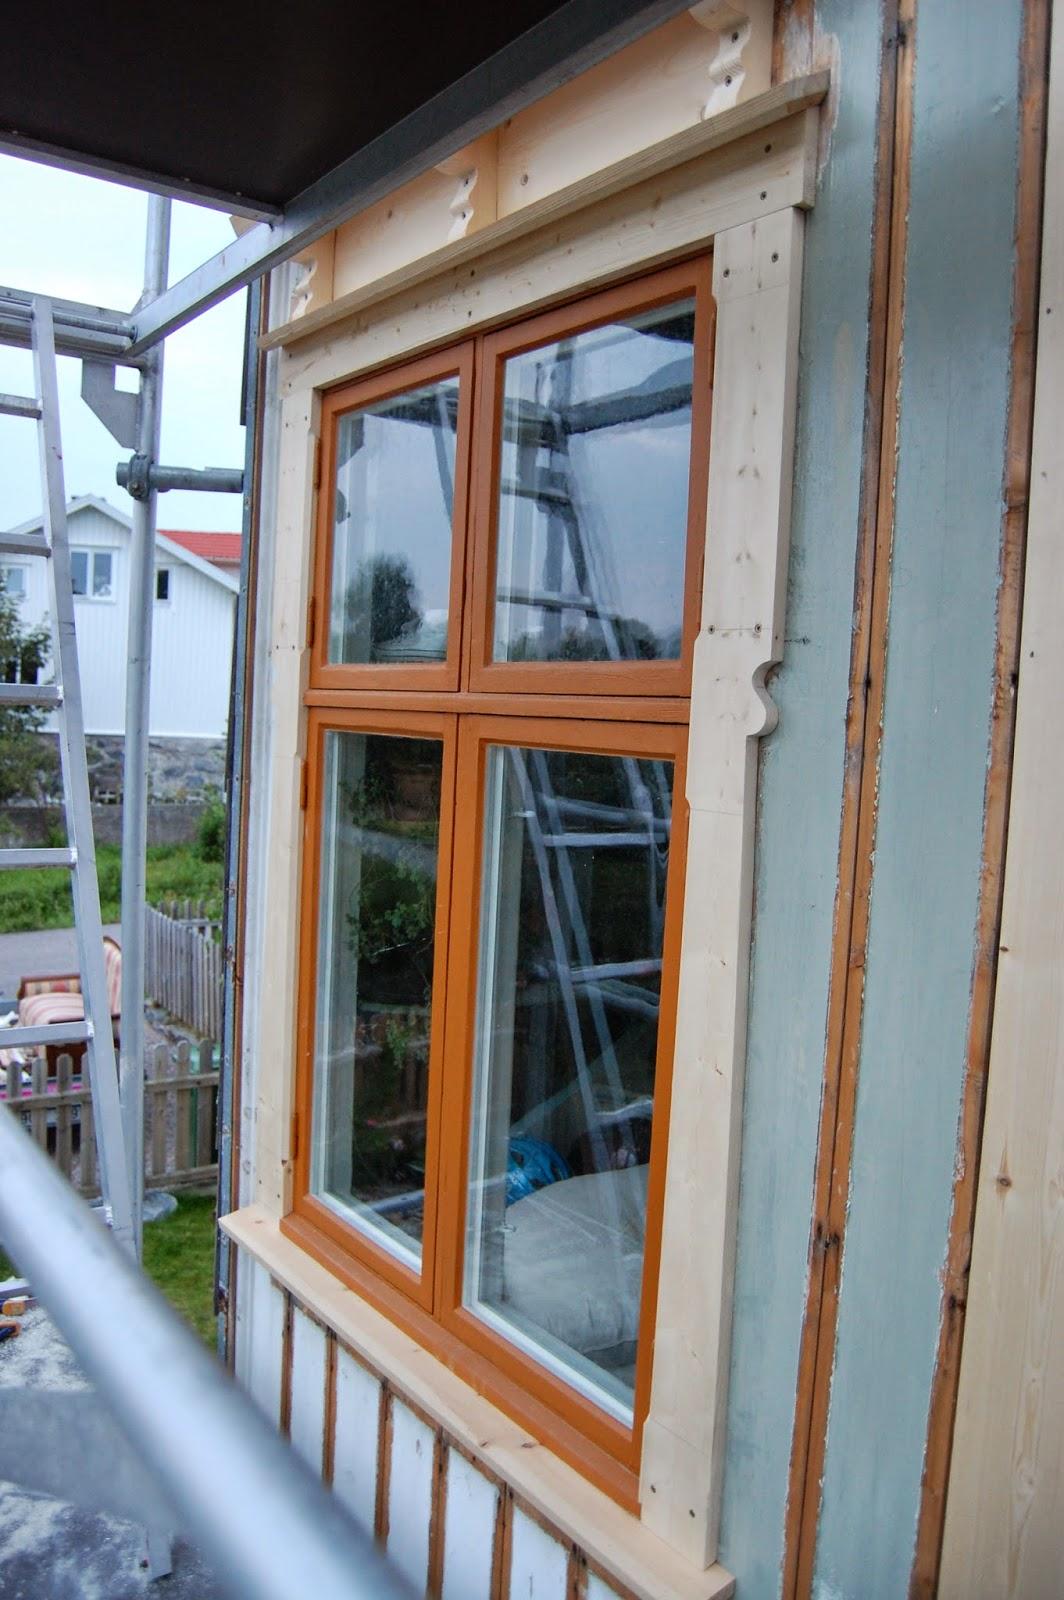 Fönster blyinfattade fönster : Fonster Foder ~ Interiörinspiration och idéer för hemdesign